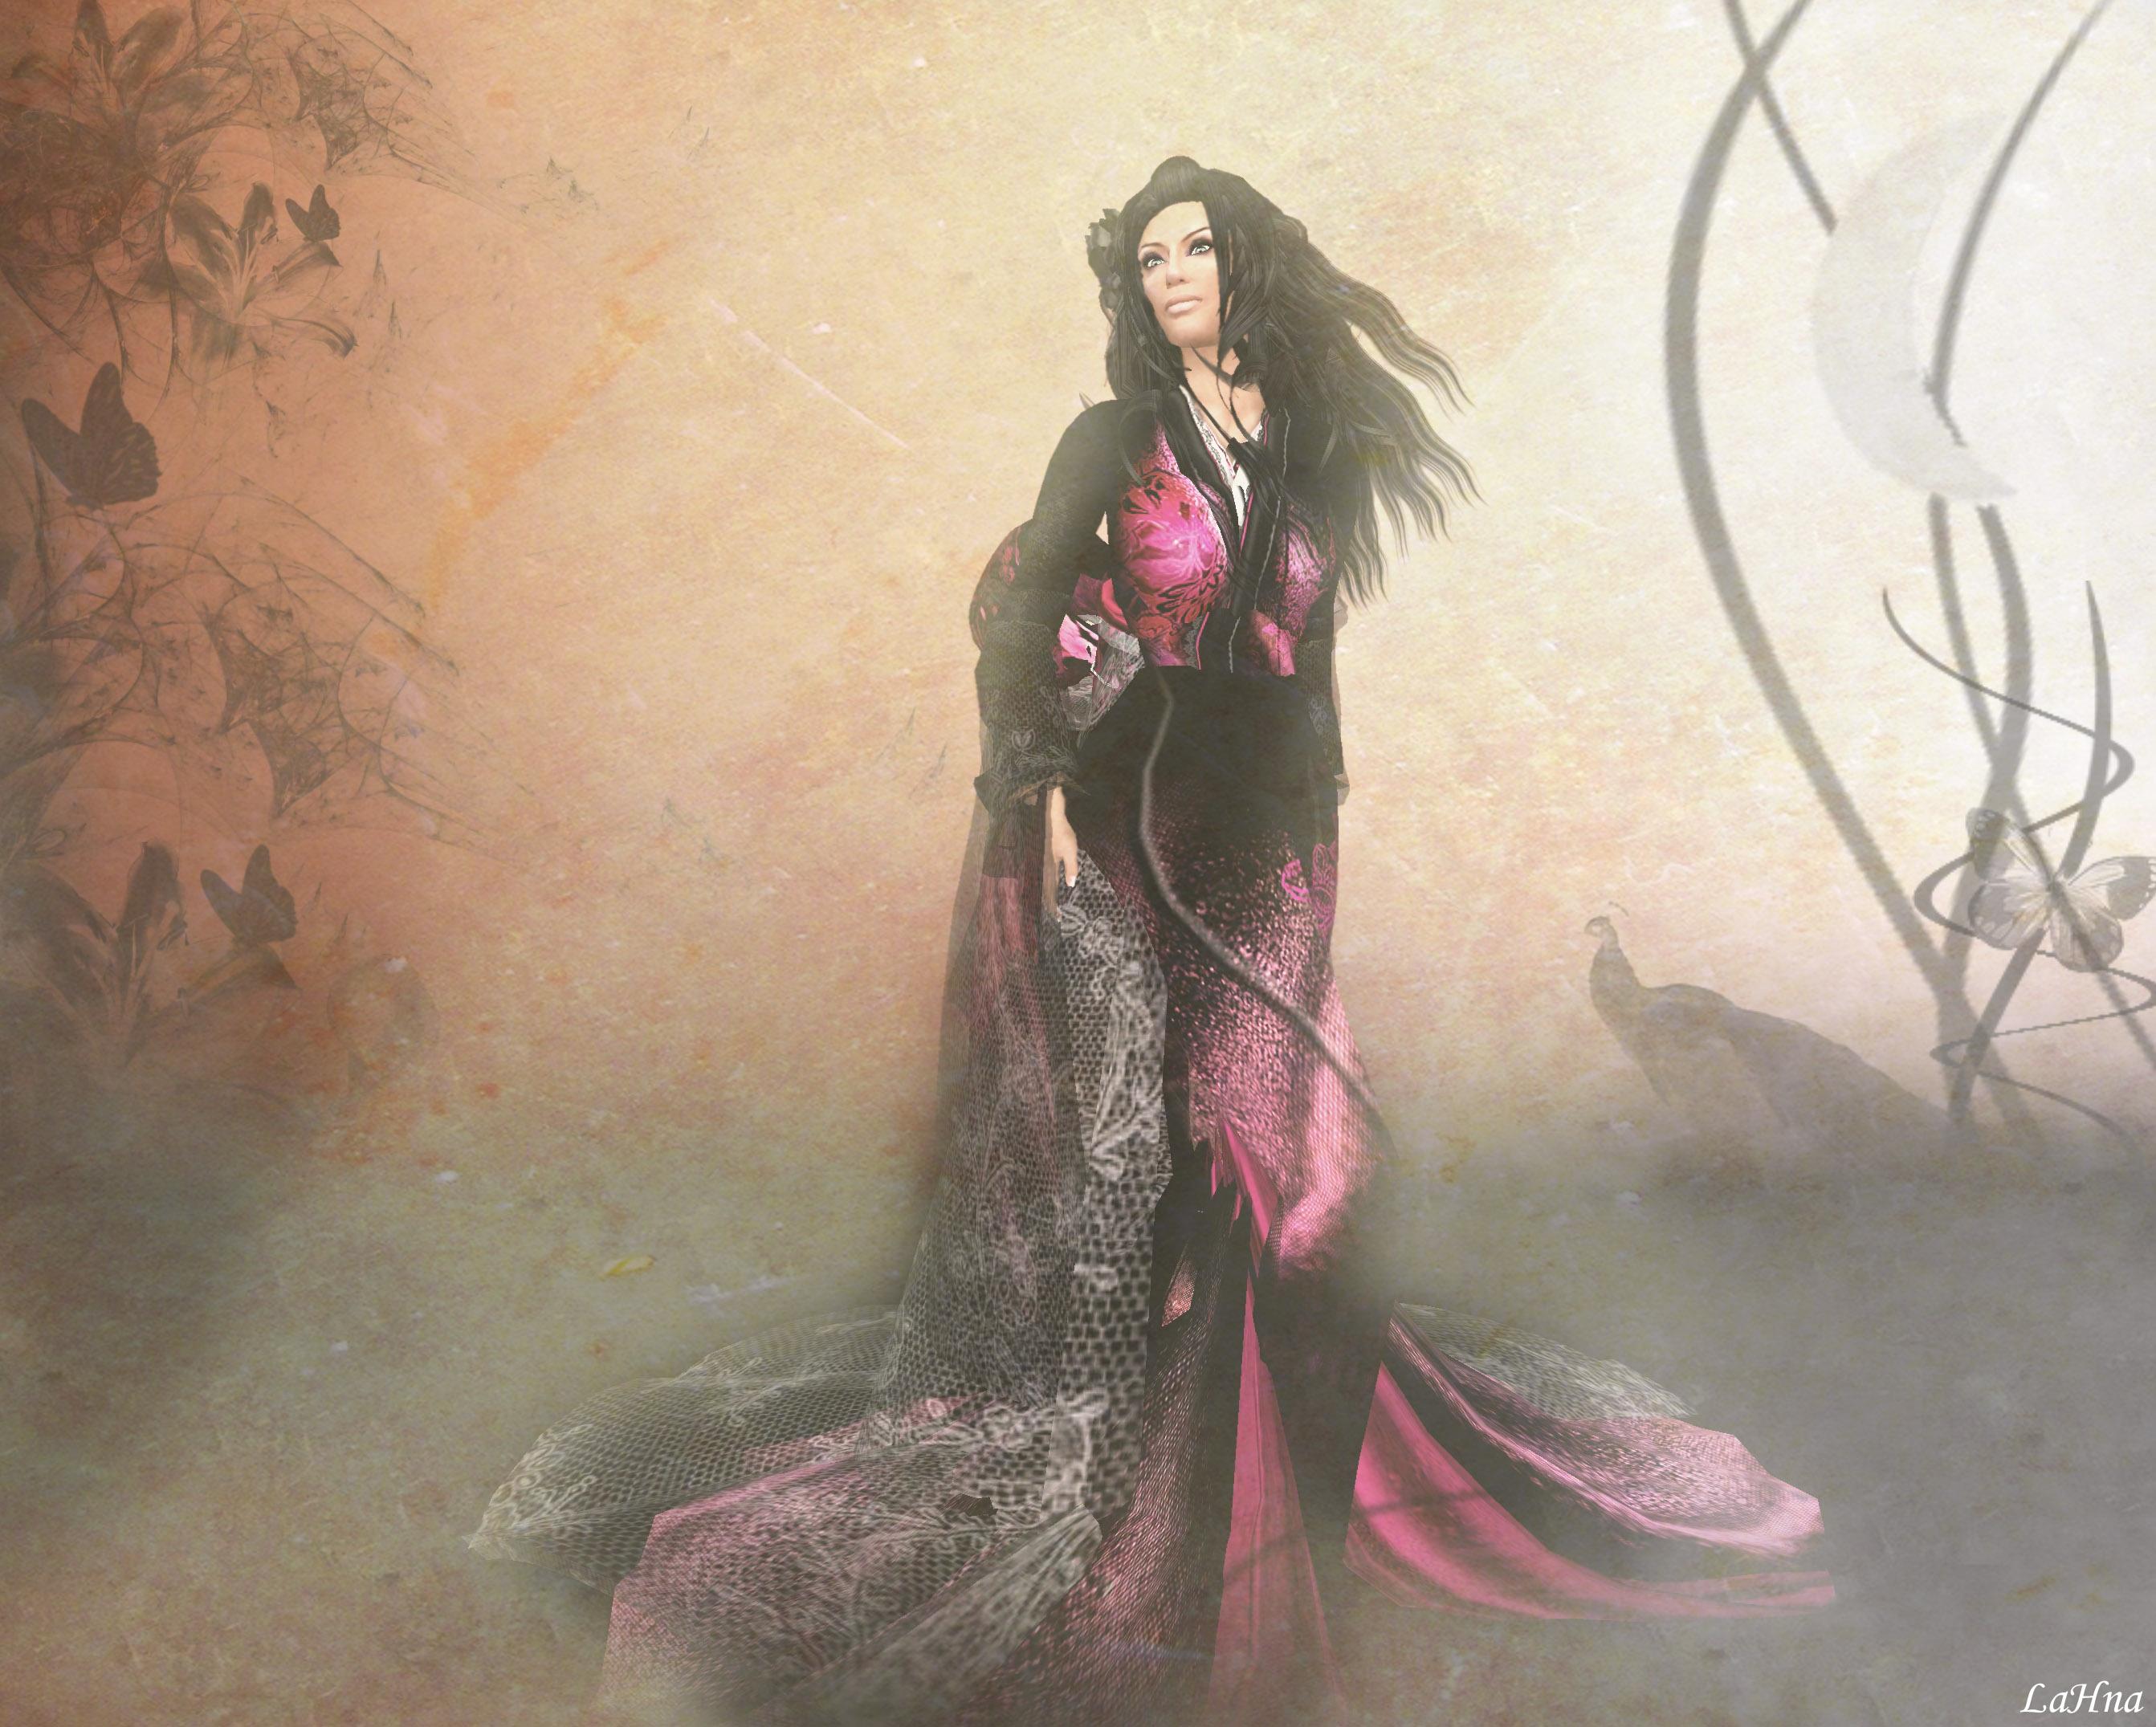 デスクトップ壁紙 日本 ペインティング アジア アバター ピンク 着物 アート 女の子 女性 Sl セカンドライフ Asie ジャポン コンピュータの壁紙 衣装デザイン ラナパイン Cg Artwork 2685x2151 デスクトップ壁紙 Wallhere